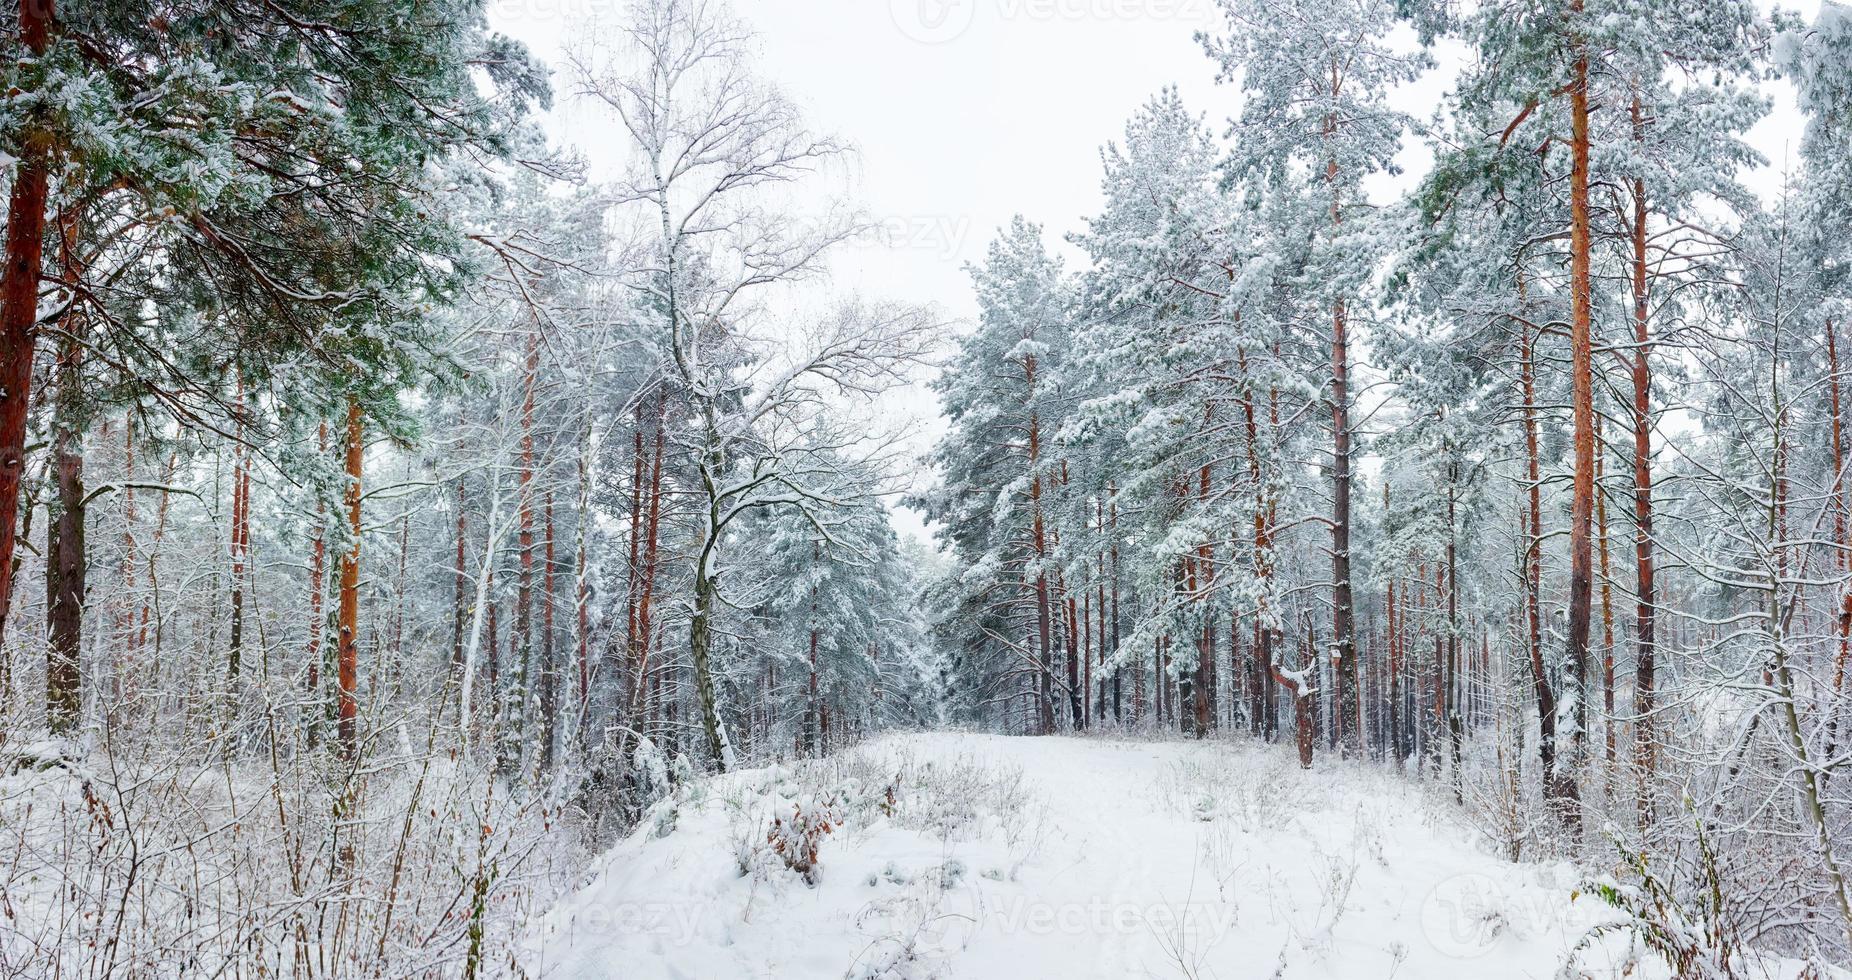 vinterskog under ett snöfall foto